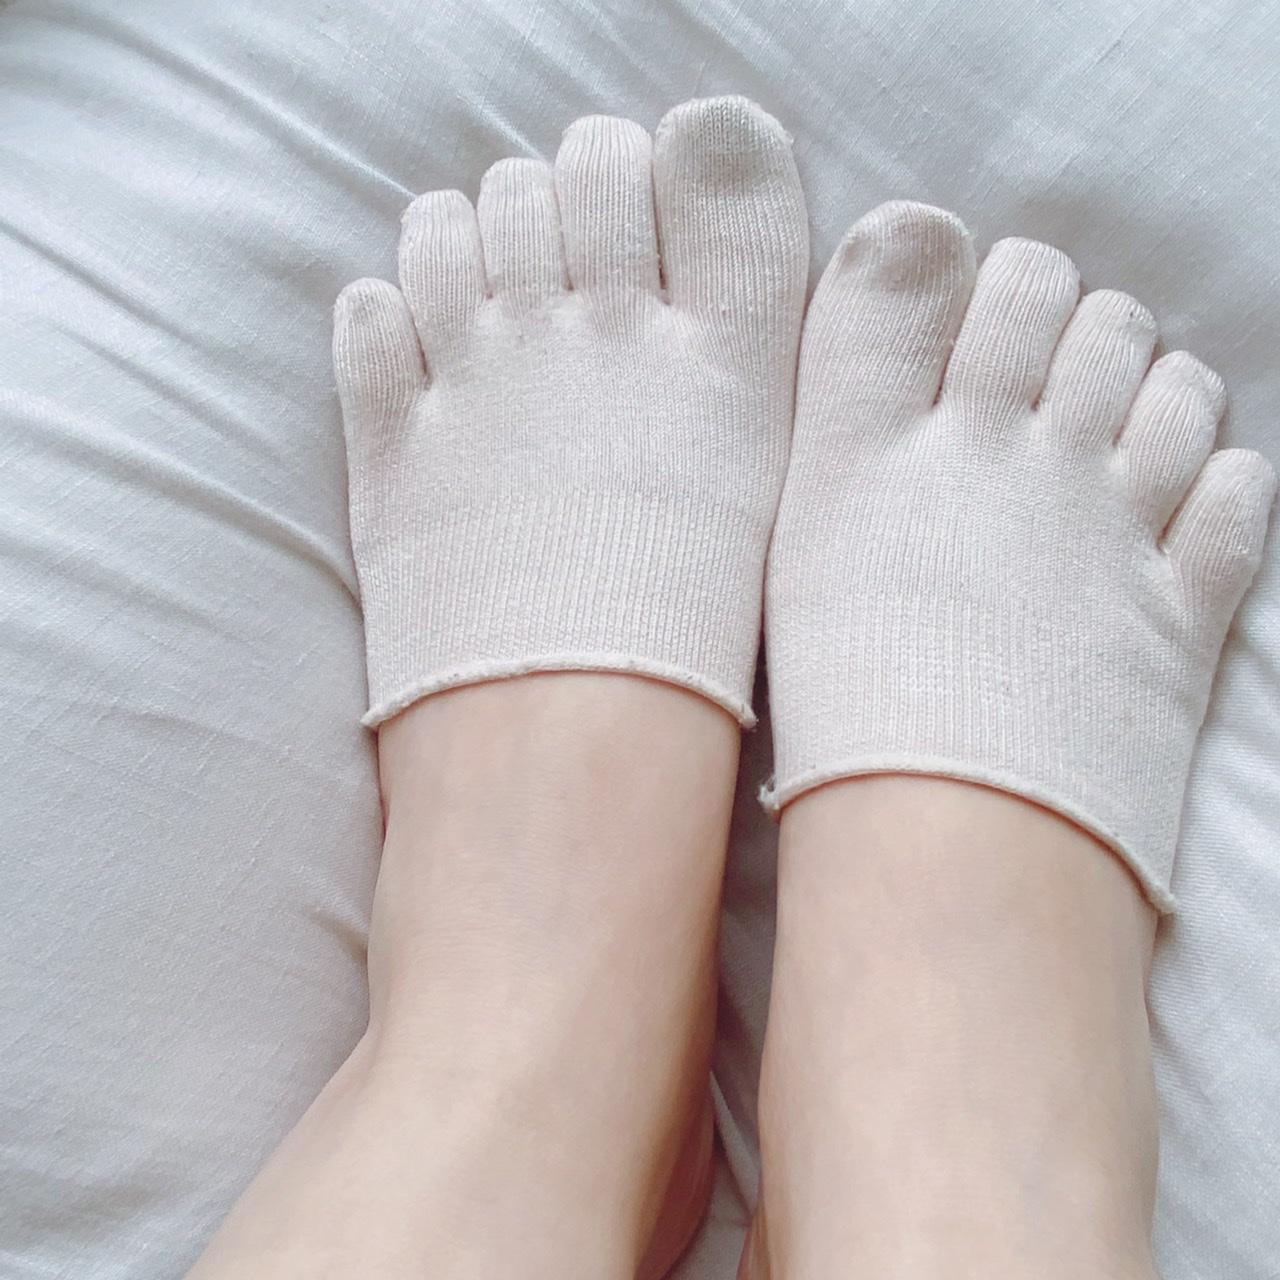 【洗濯・収納のコツ】靴下を愛し続けて20年が経とうとしています【#この愛を語らせて06】_5